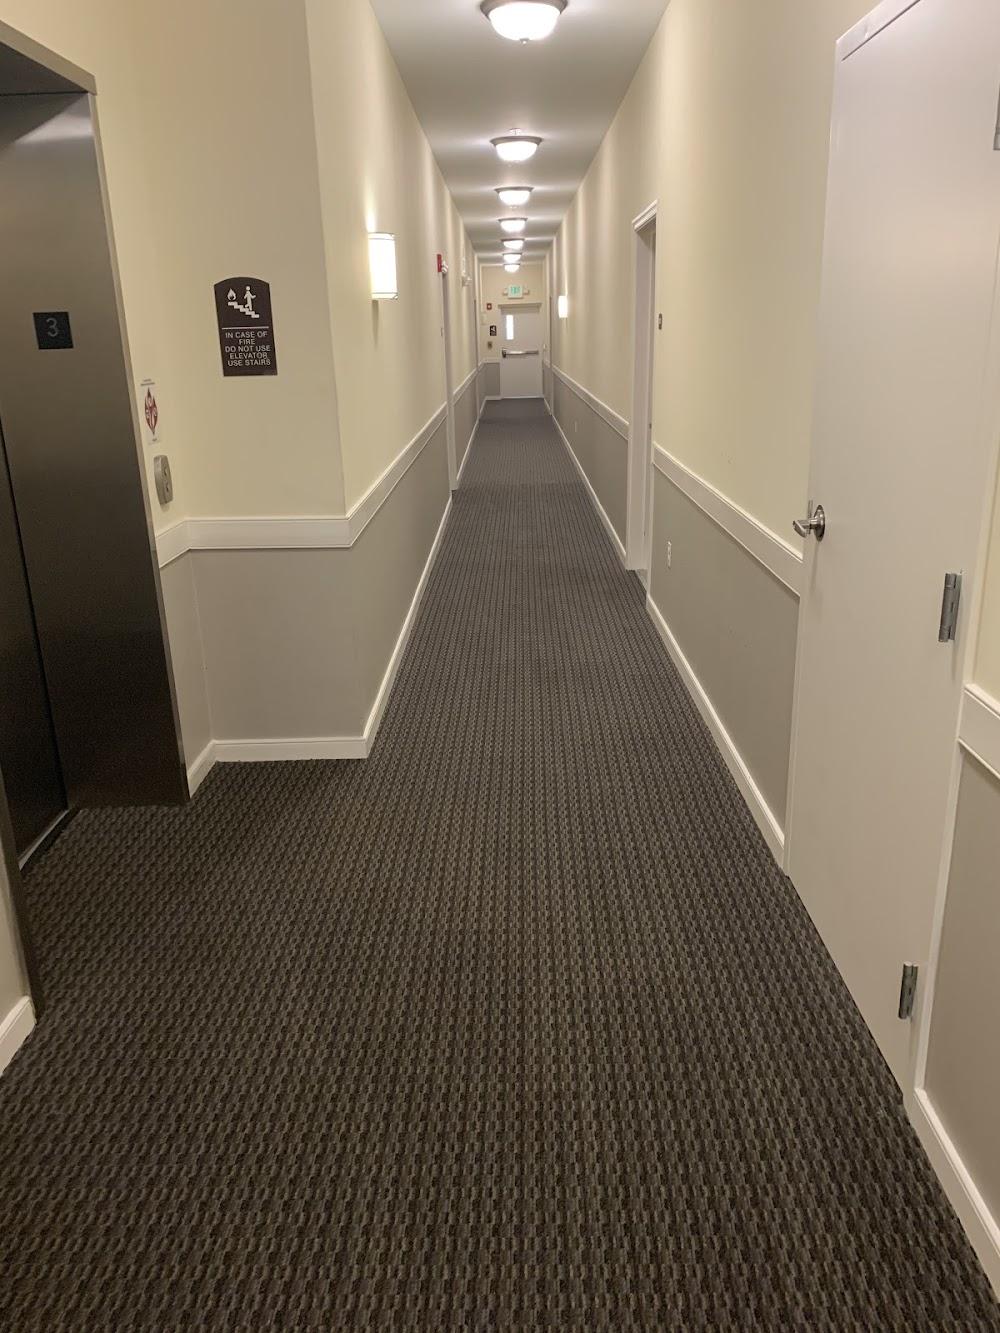 Professional Carpet Care LLC